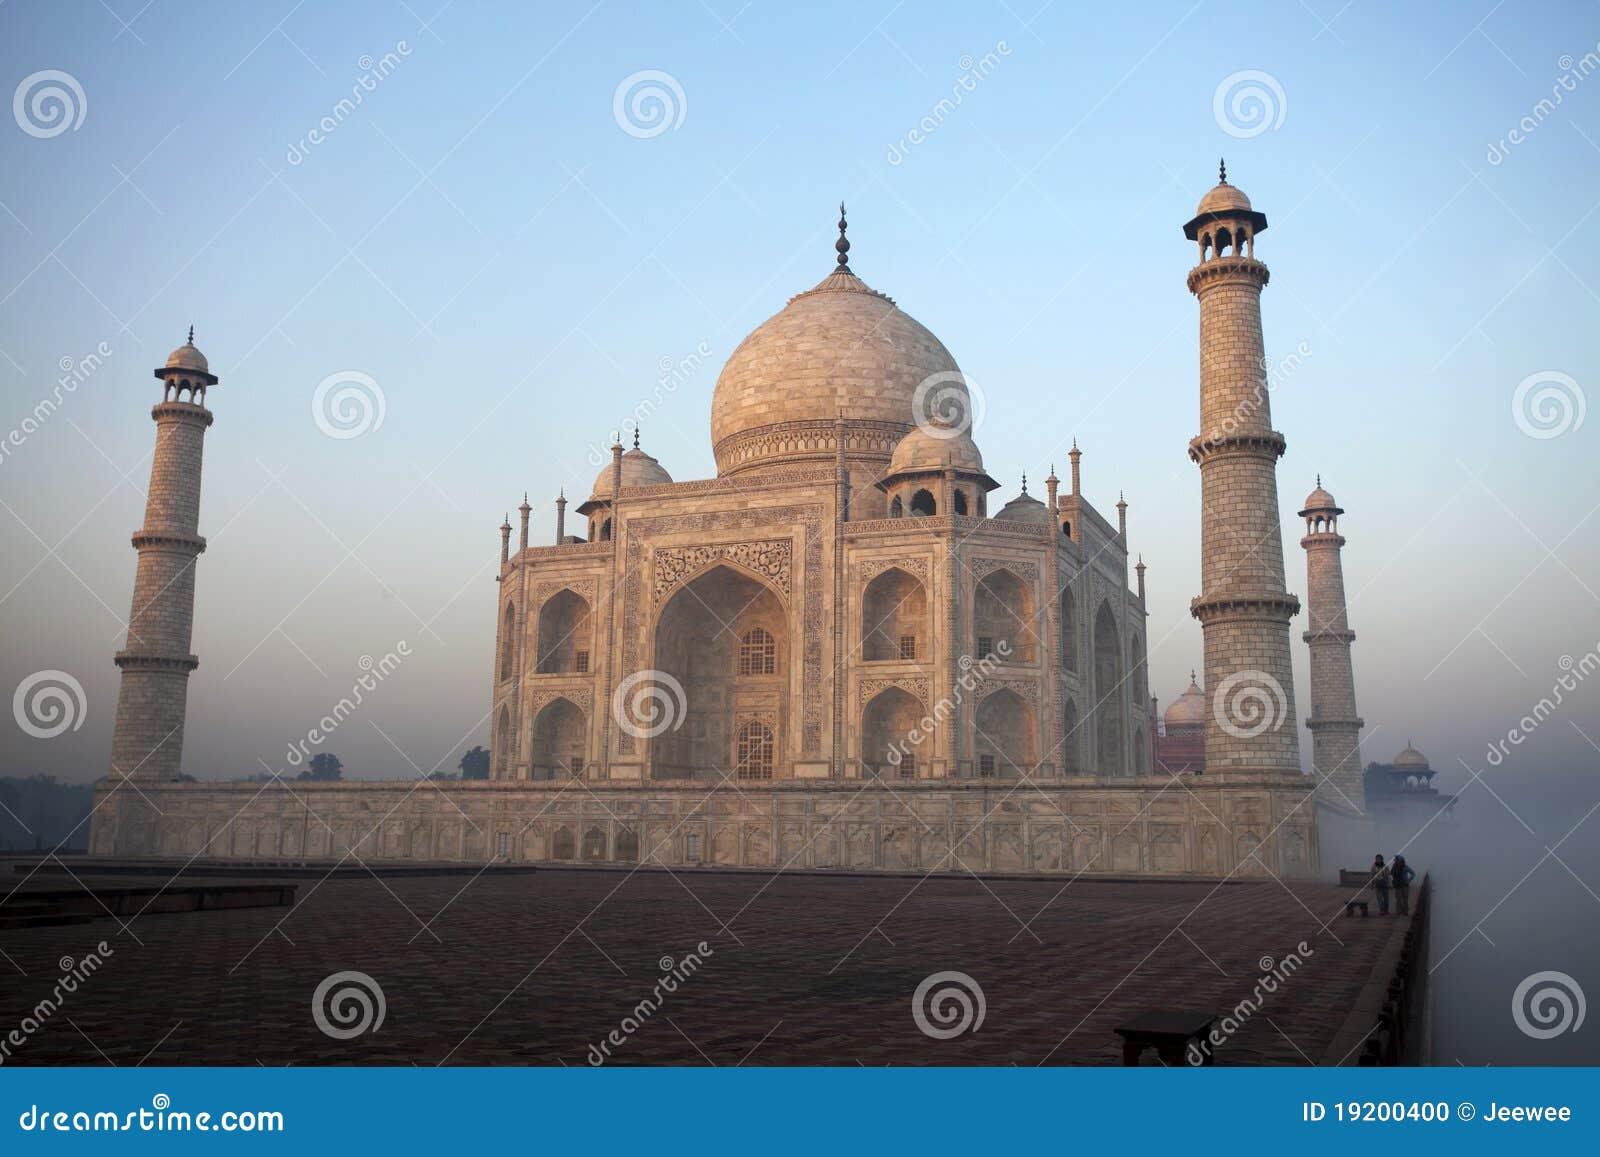 De mist van de ochtend in Taj Mahal, Agra, India